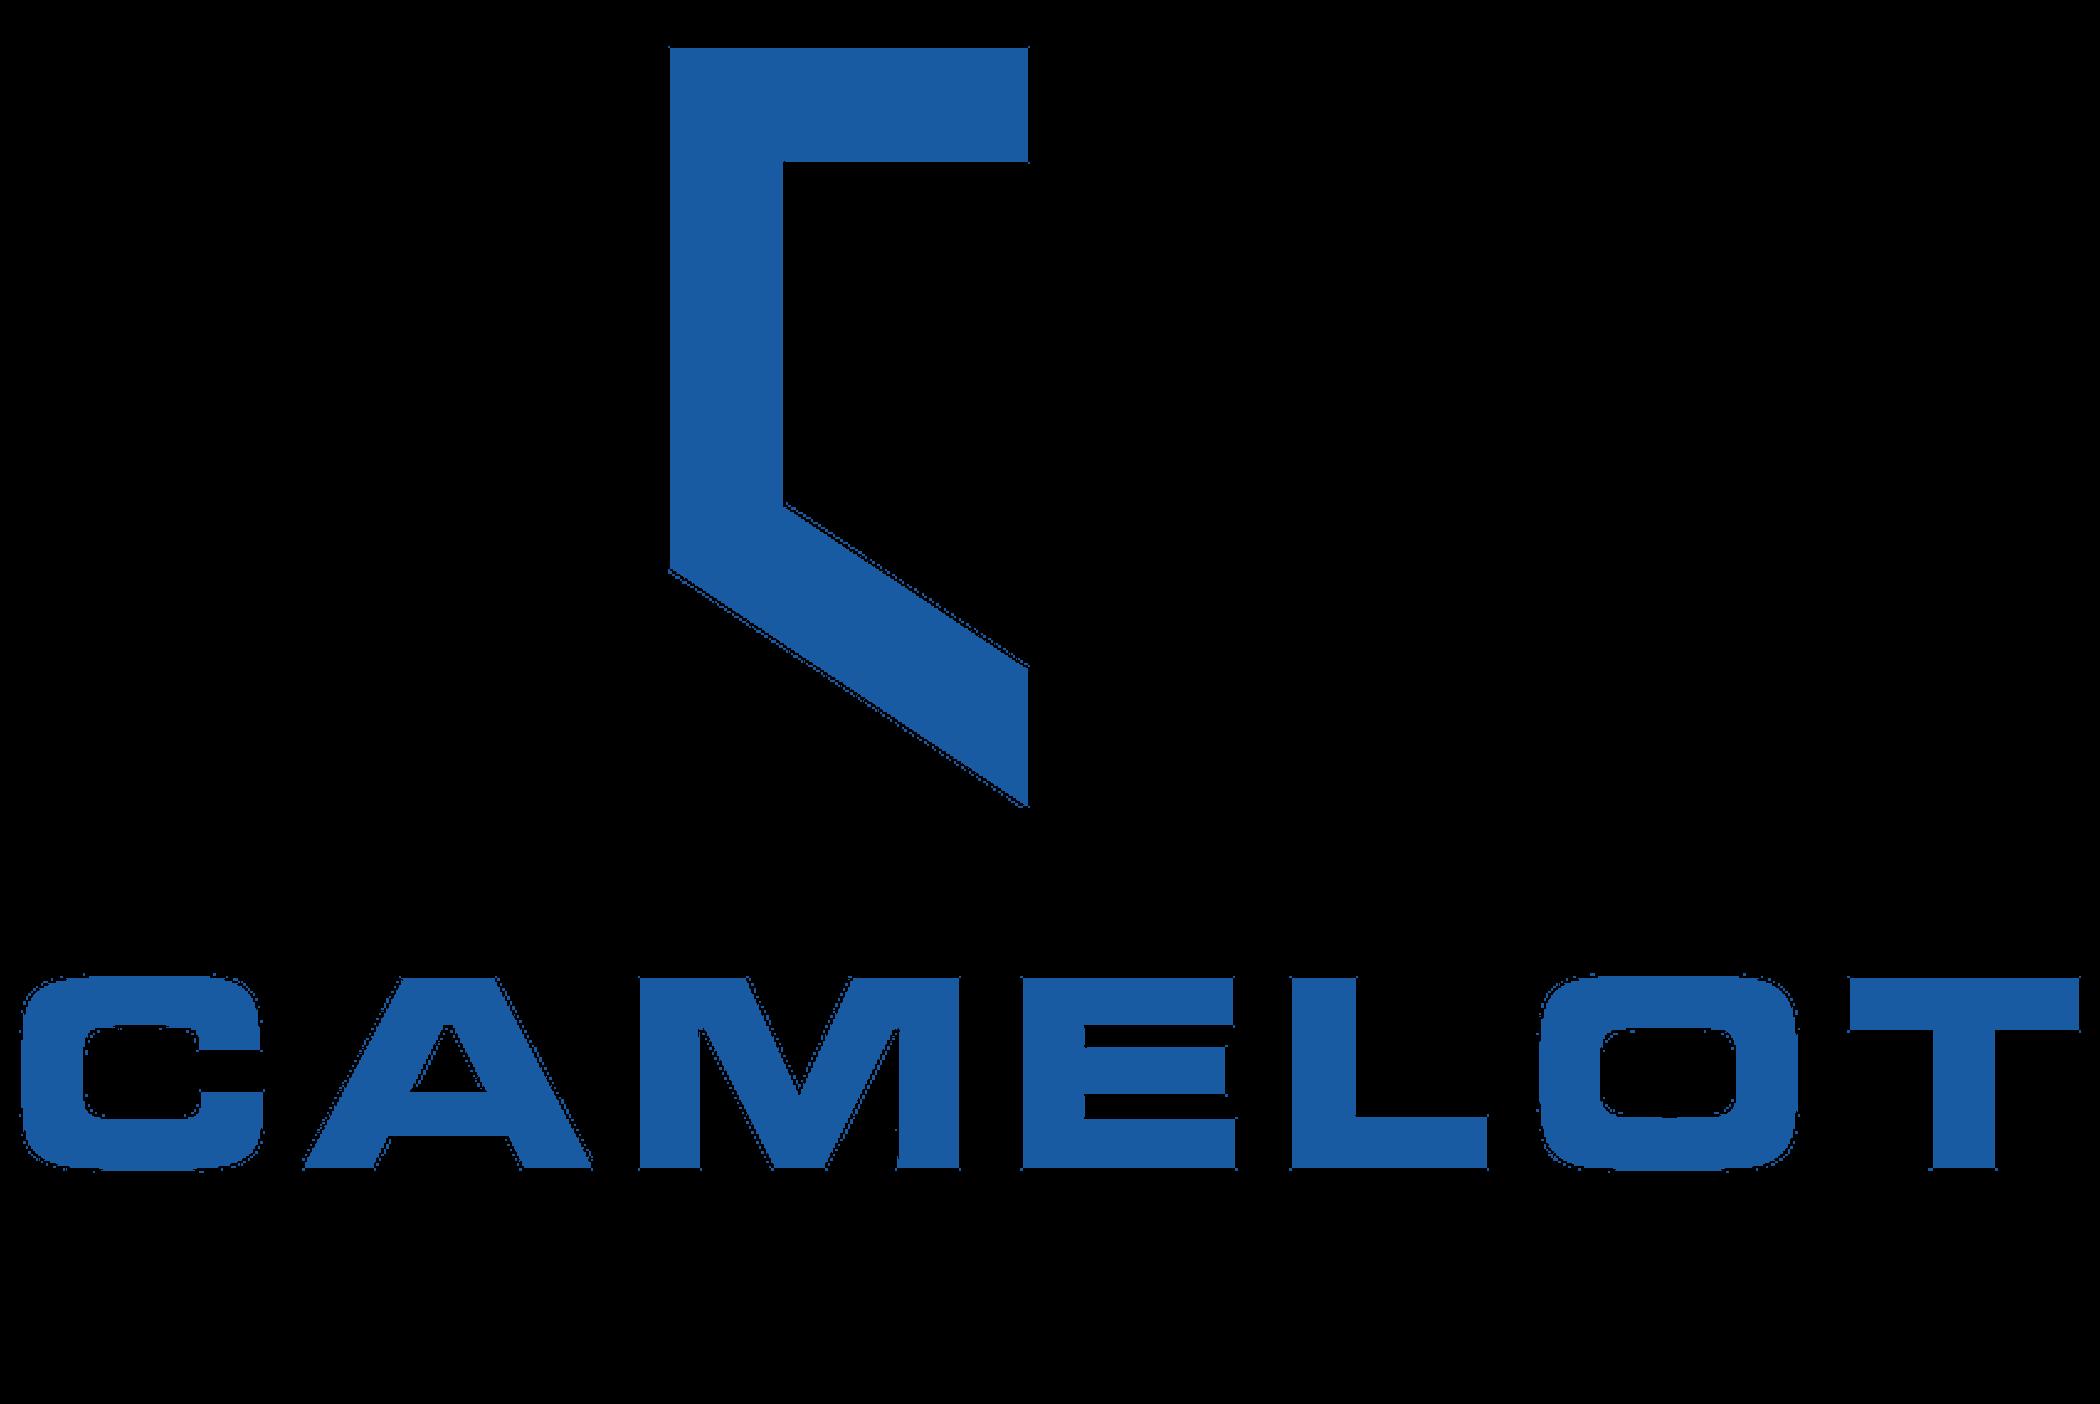 Certifications Camelot Metals